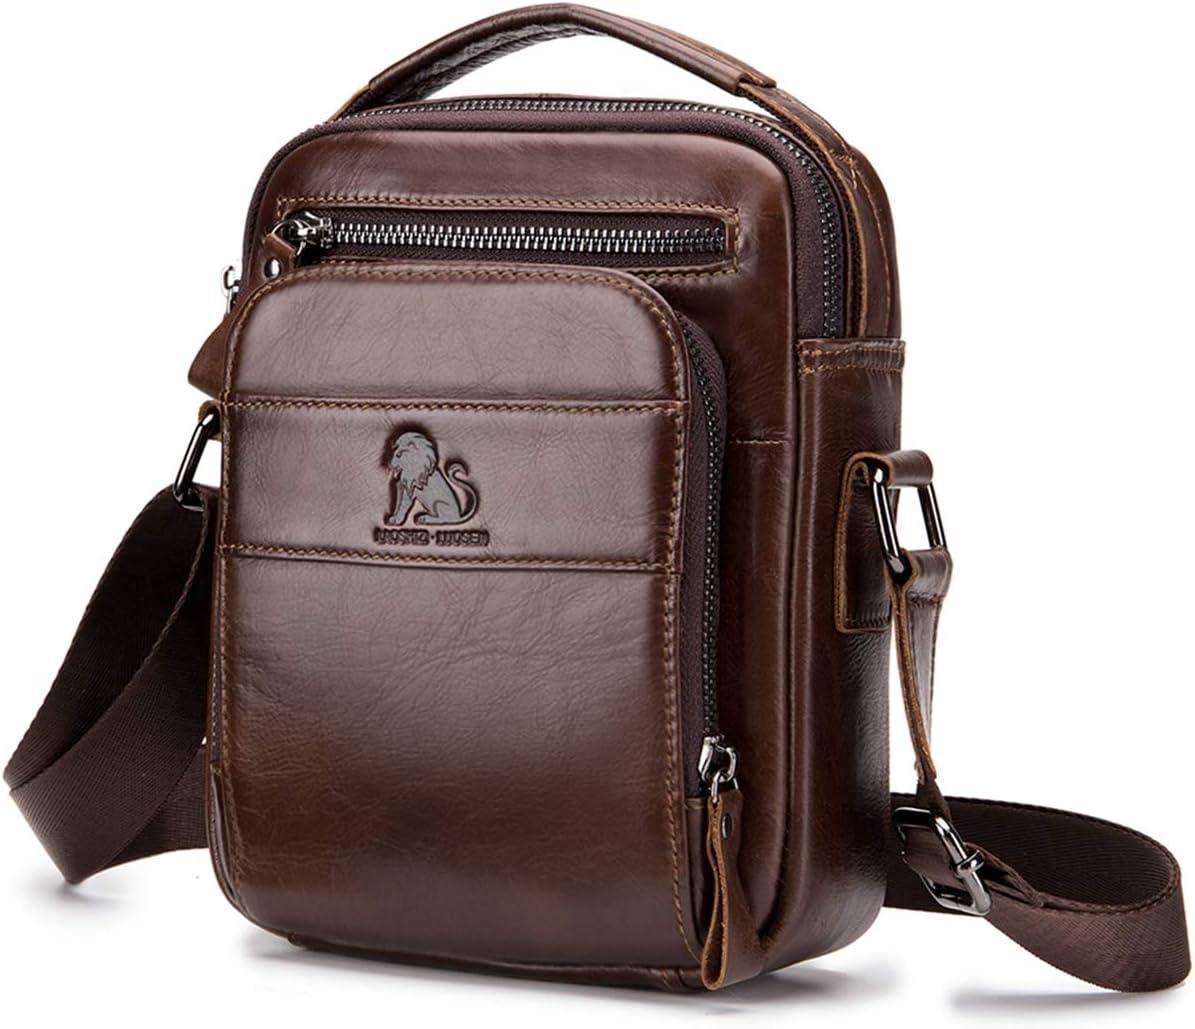 BAIGIO Mens Genuine Leather Shoulder Bag Messenger Briefcase Crossbody Handbag Satchel Travel Bag